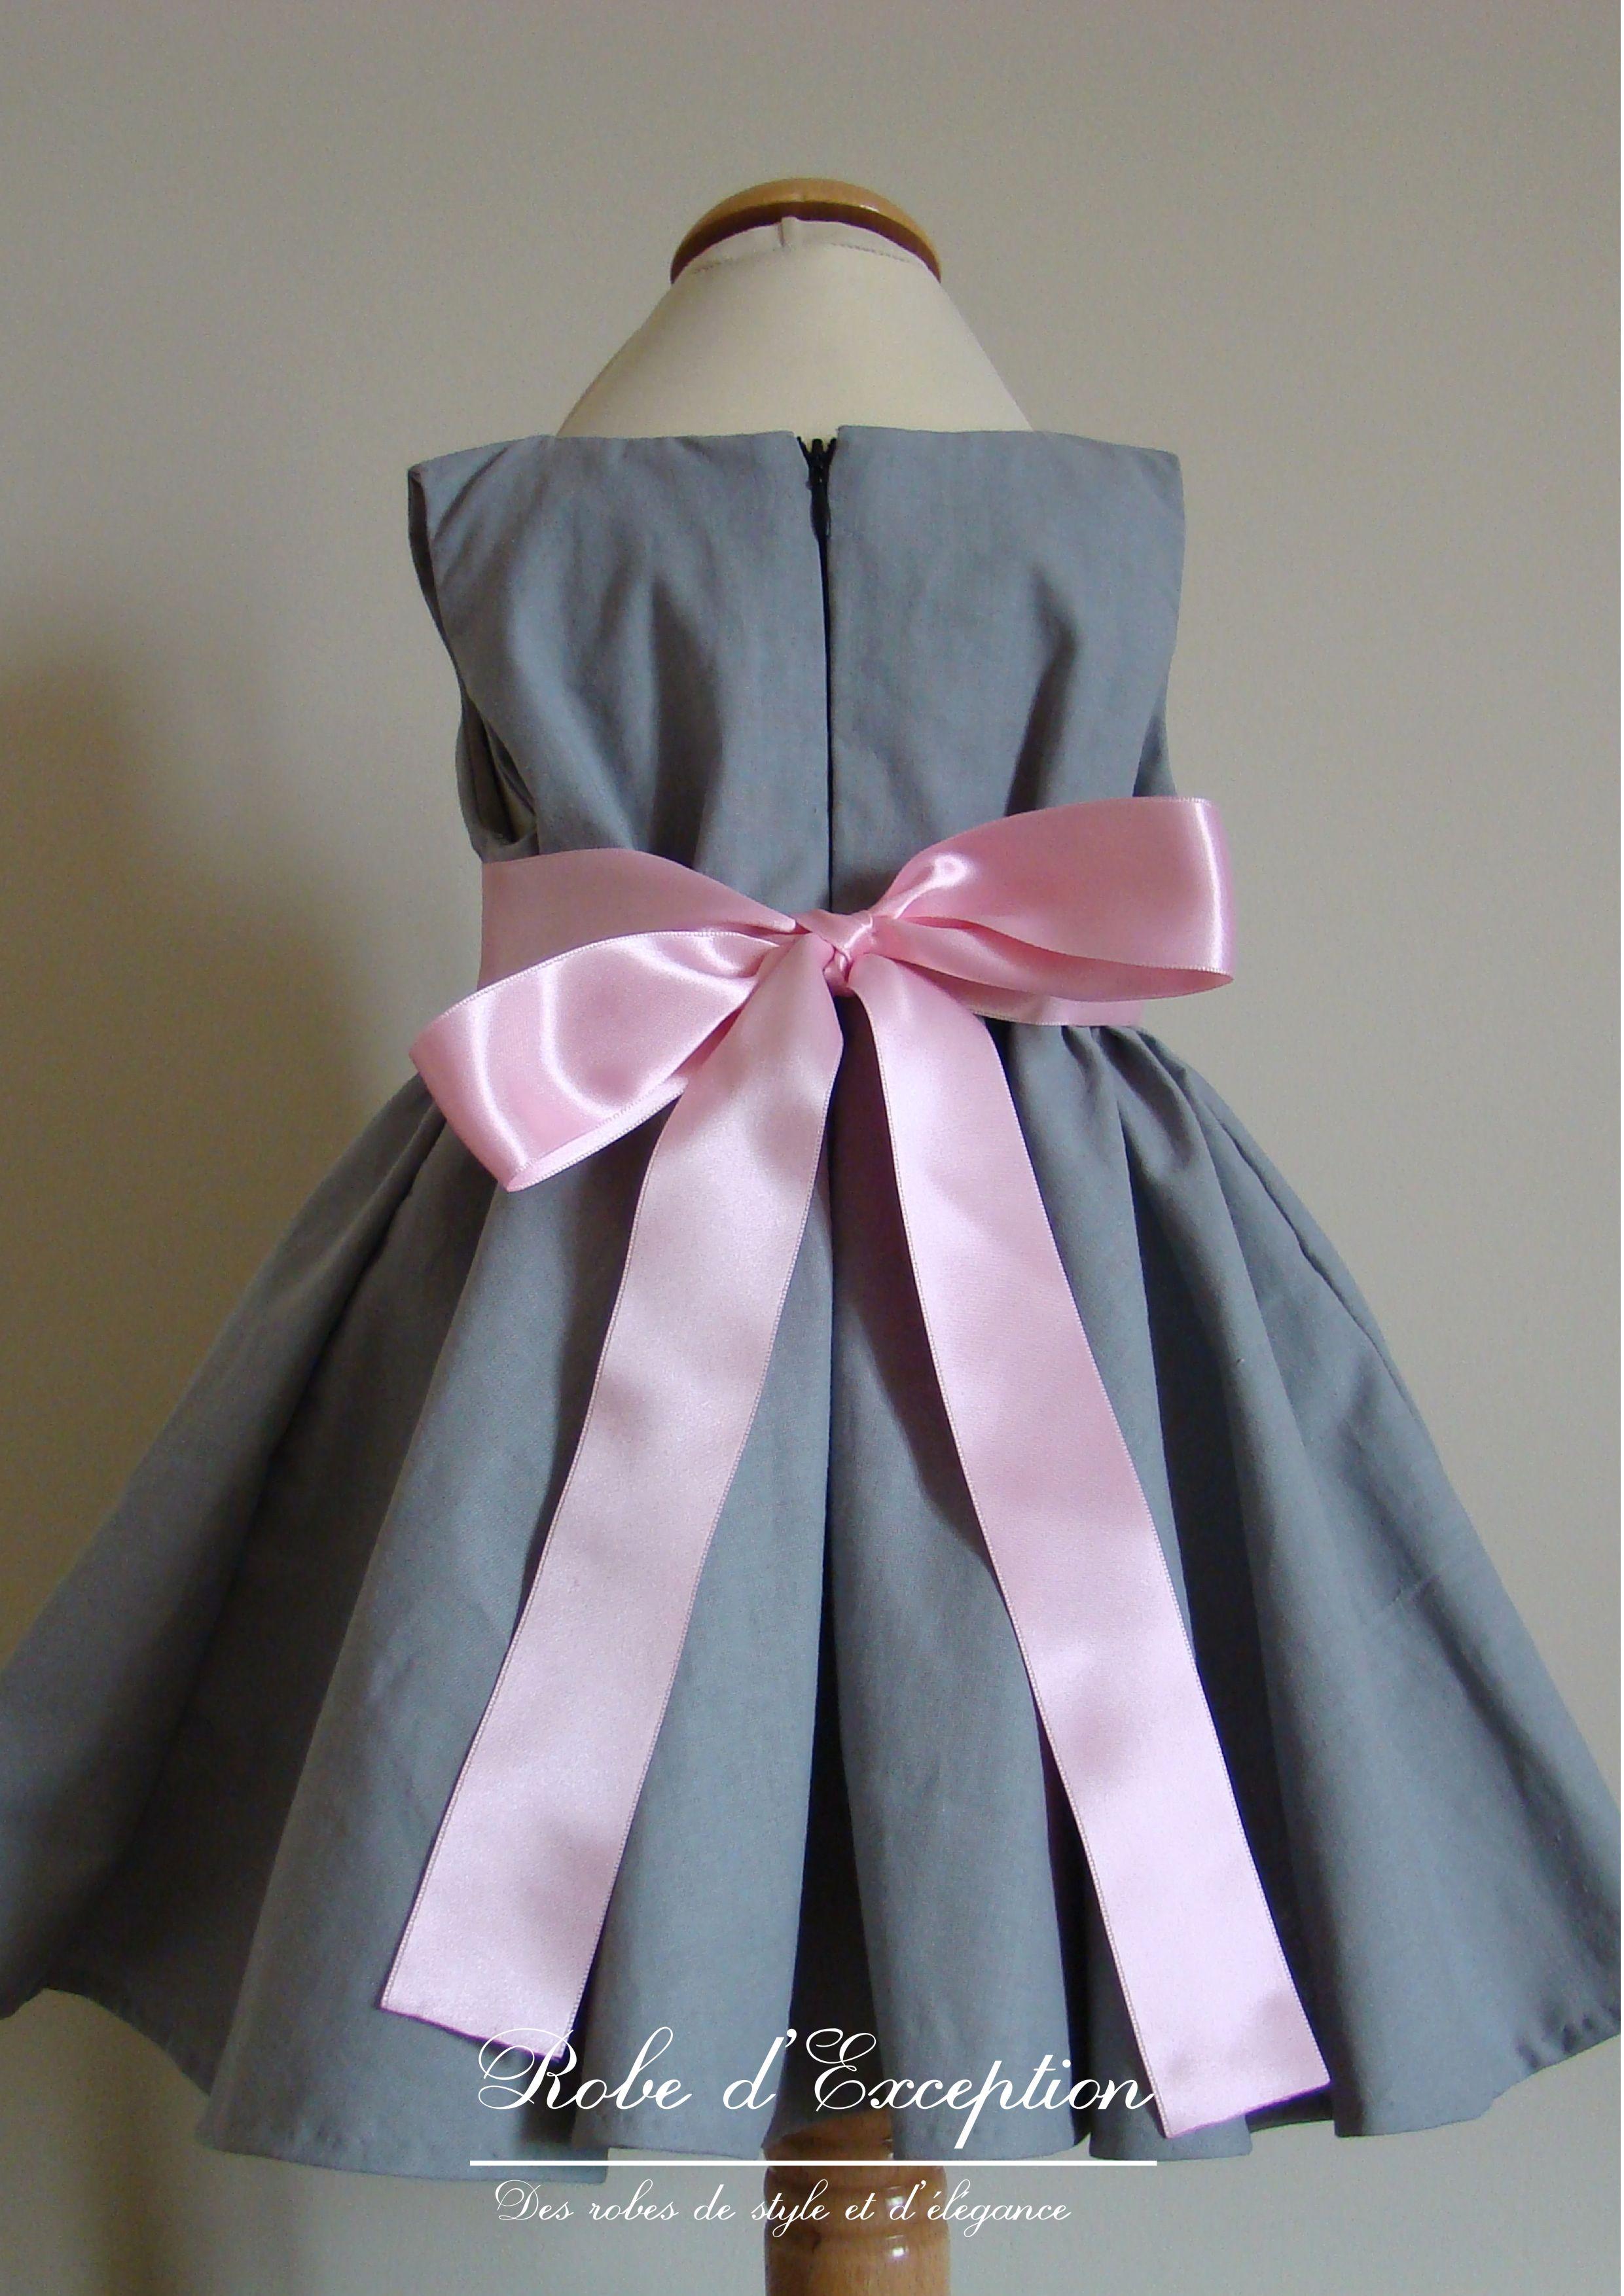 91a55fce610ef Robe de cortège grise à ruban rose.